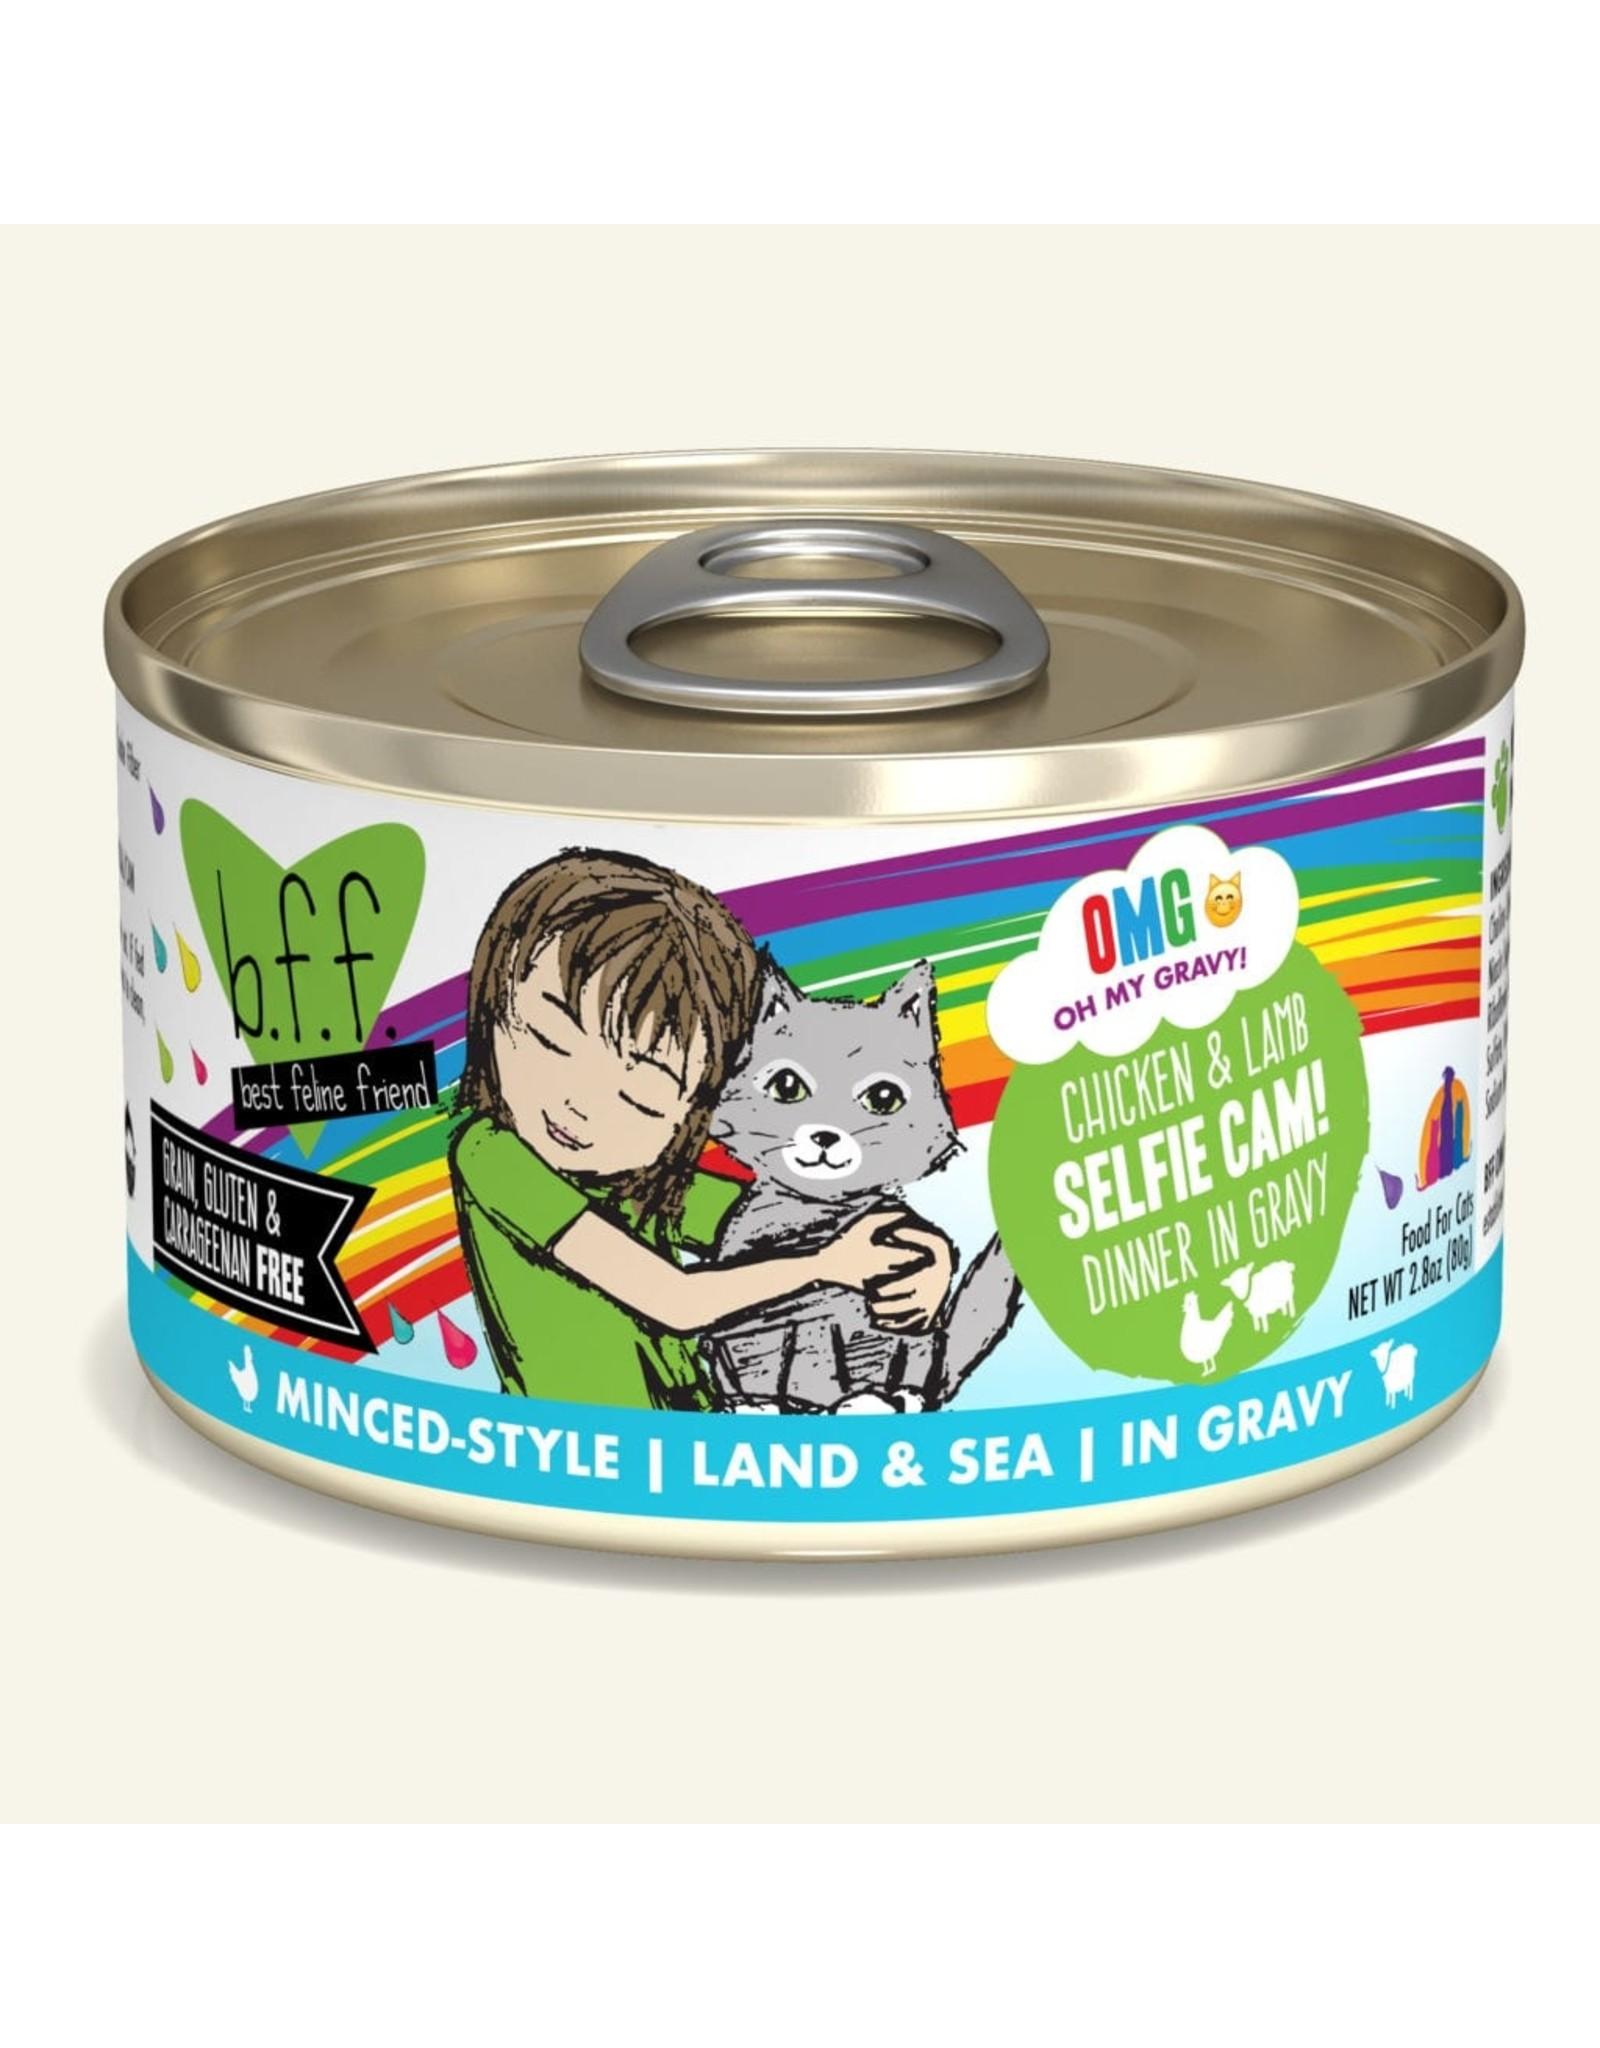 Weruva BFF Weruva B.F.F. OMG Best Feline Friend Oh My Gravy Wet Cat Food Selfie Cam! Chicken & Lamb Dinner in Gravy 3oz Can